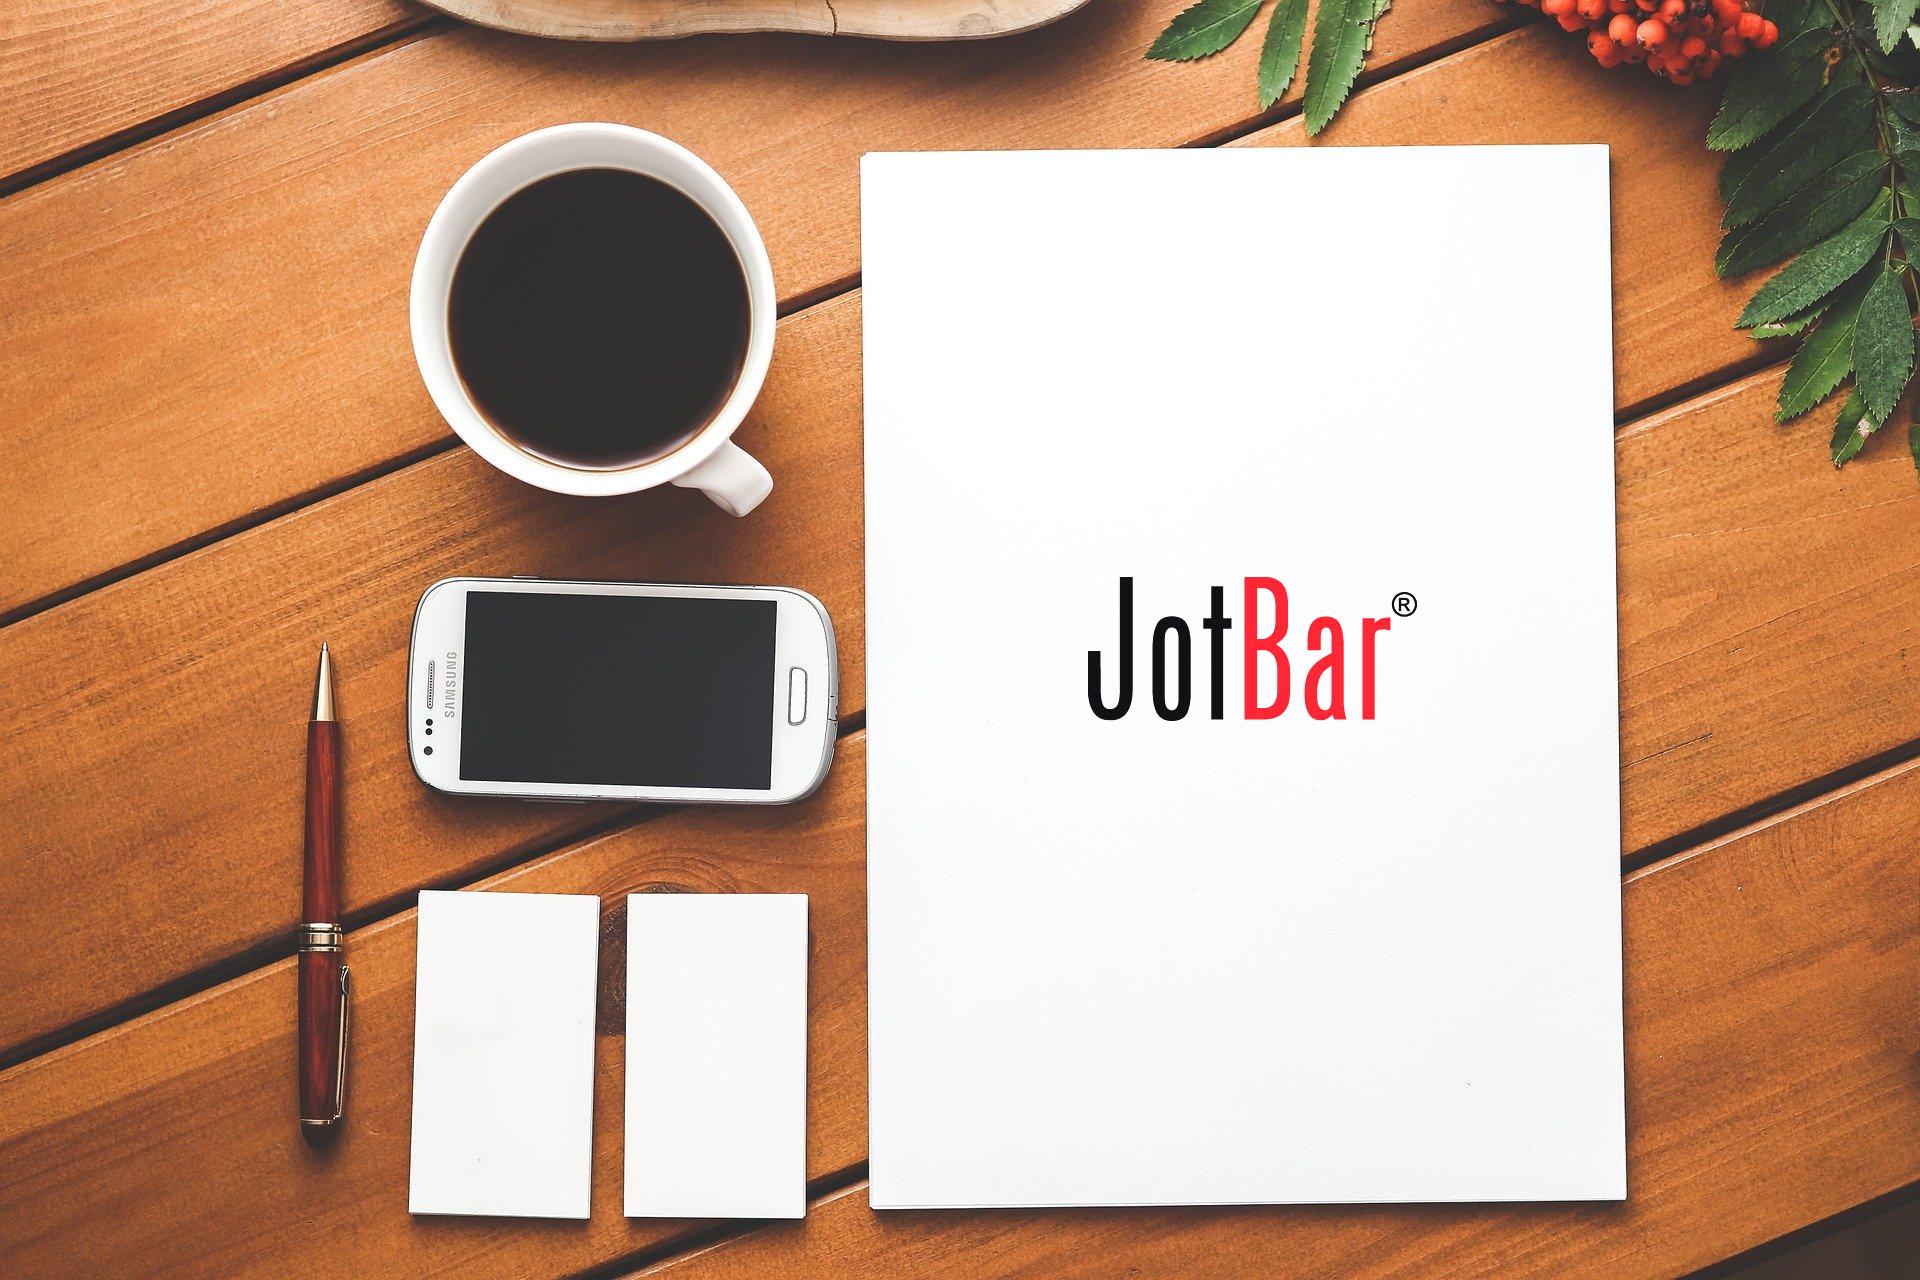 JotBar - työajanseuranta 2020 -artikkelin kansikuva